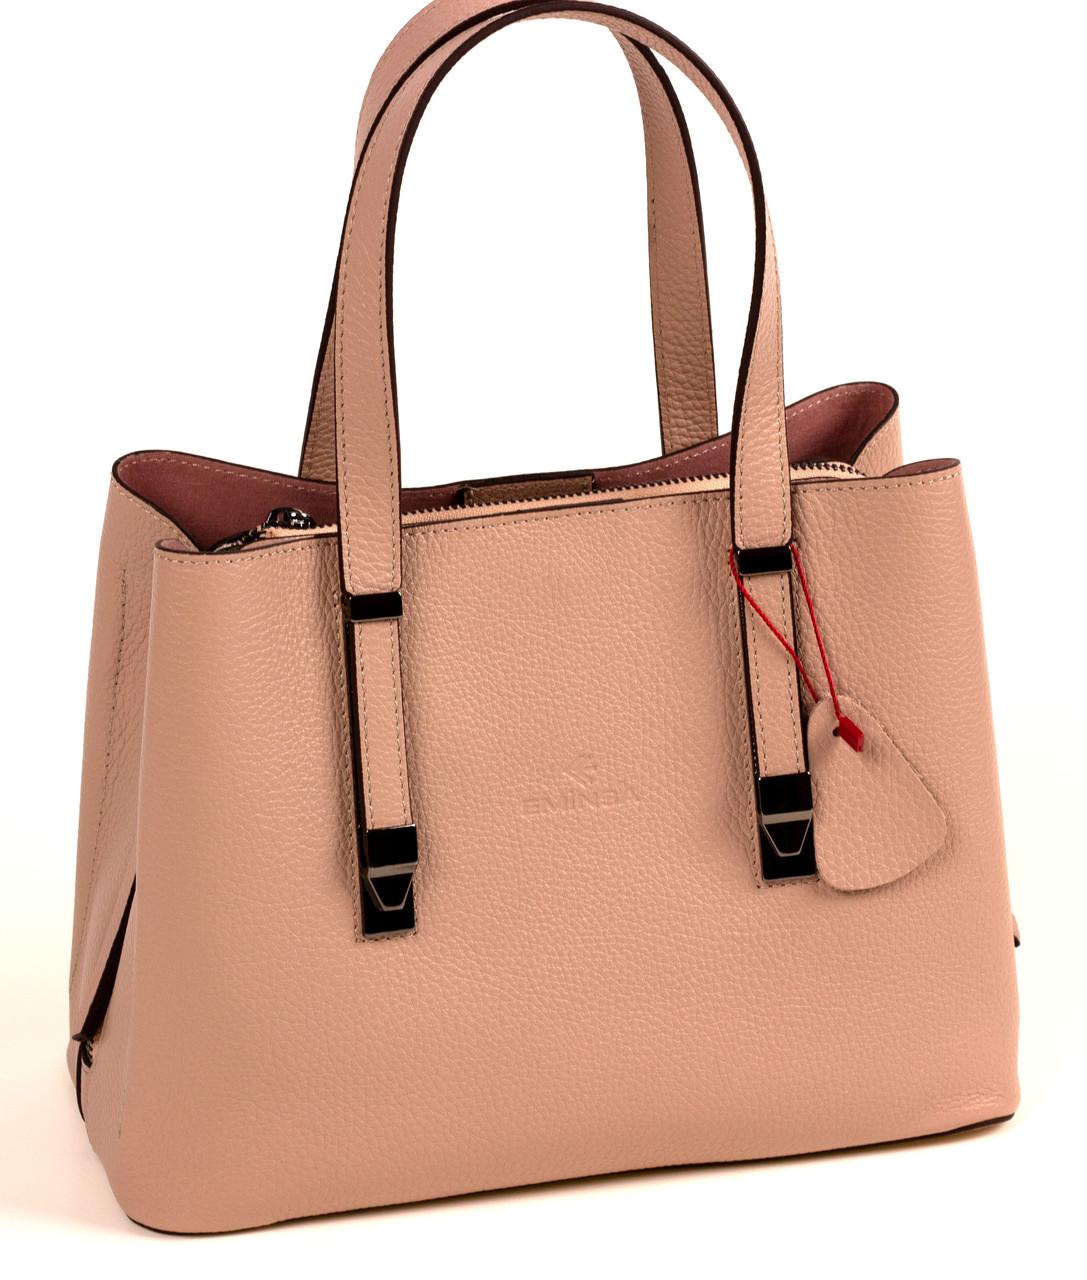 Женская сумка из натуральной кожи Eminsa 40190 розовая пудра